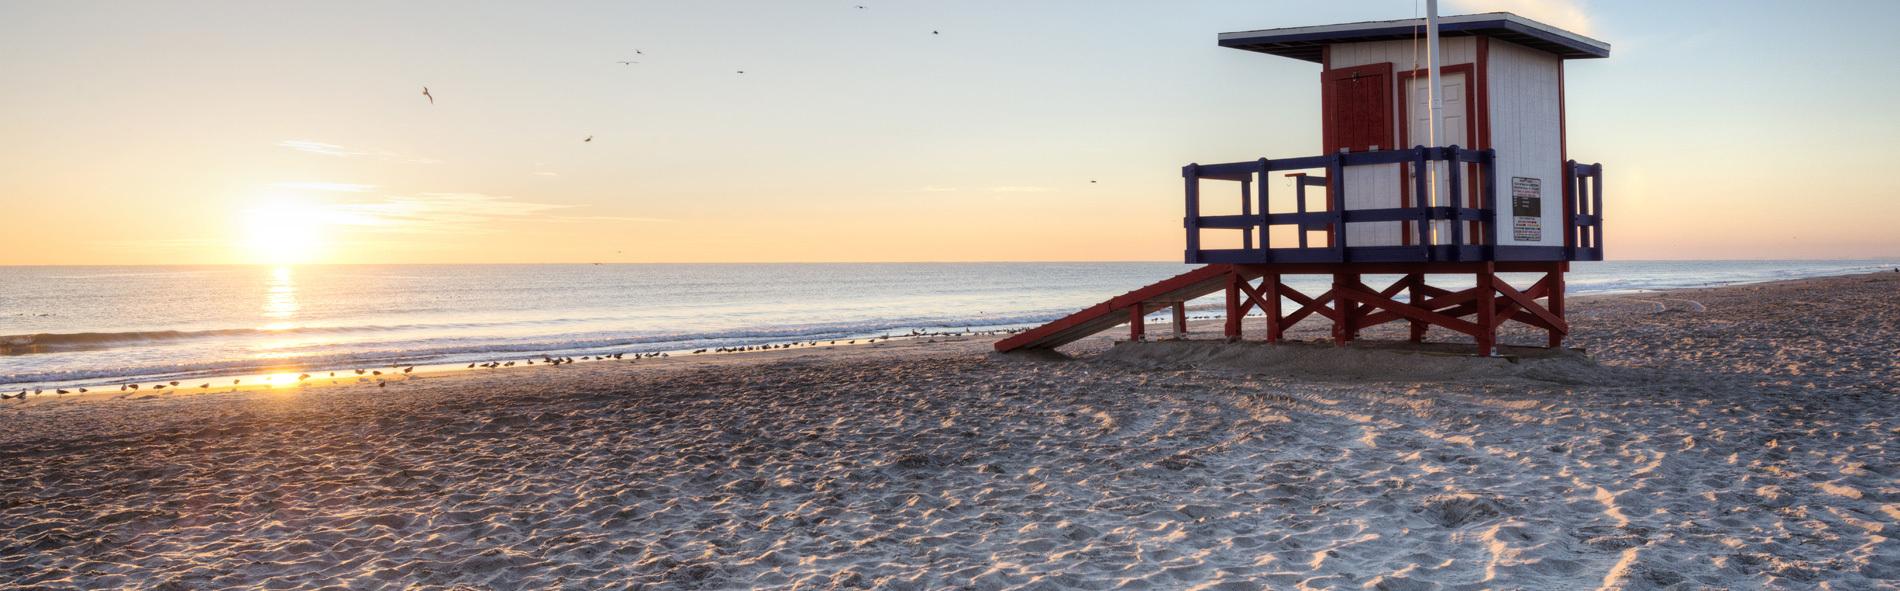 Cocoa Beach Florida - Vacations - Cocoa Beach Hotels - Map Of Hotels In Cocoa Beach Florida